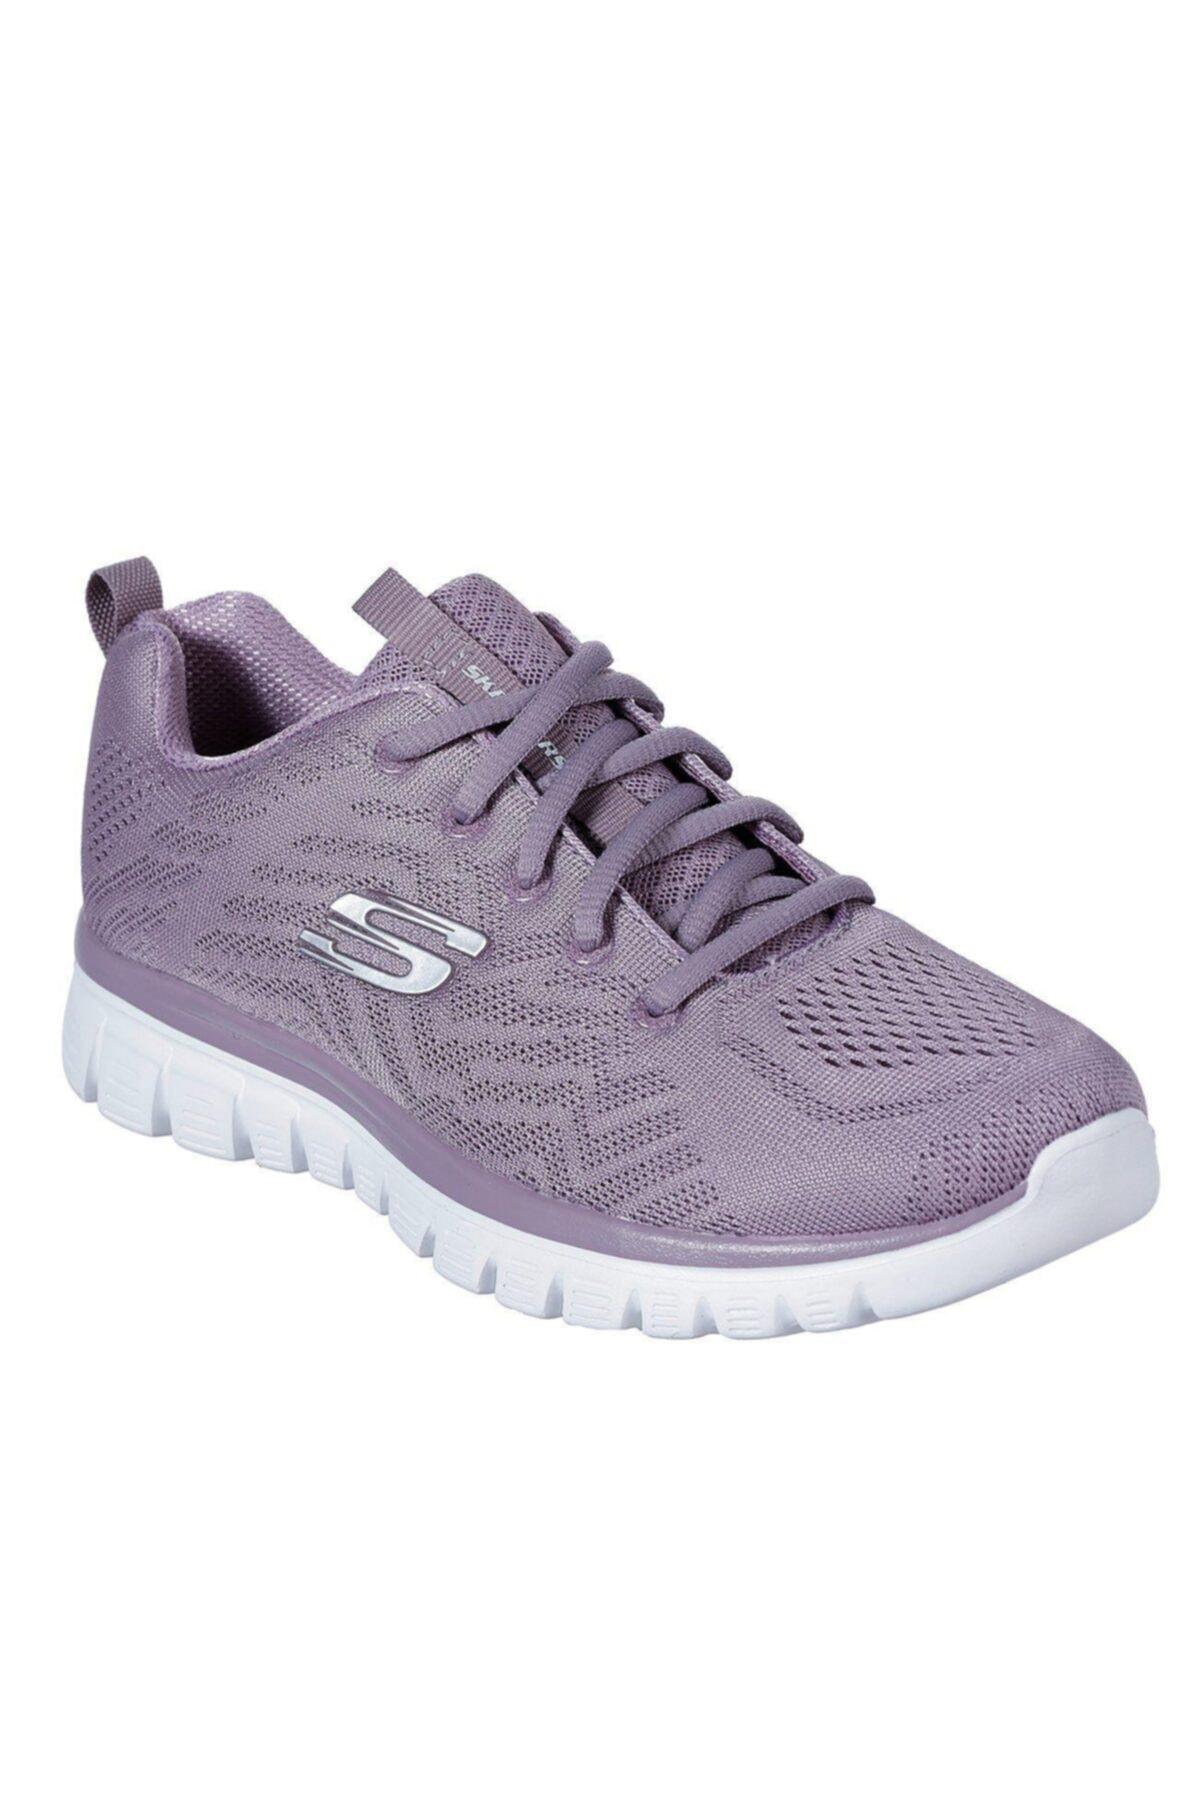 SKECHERS Graceful-get Connected Kadın Spor Ayakkabı 1